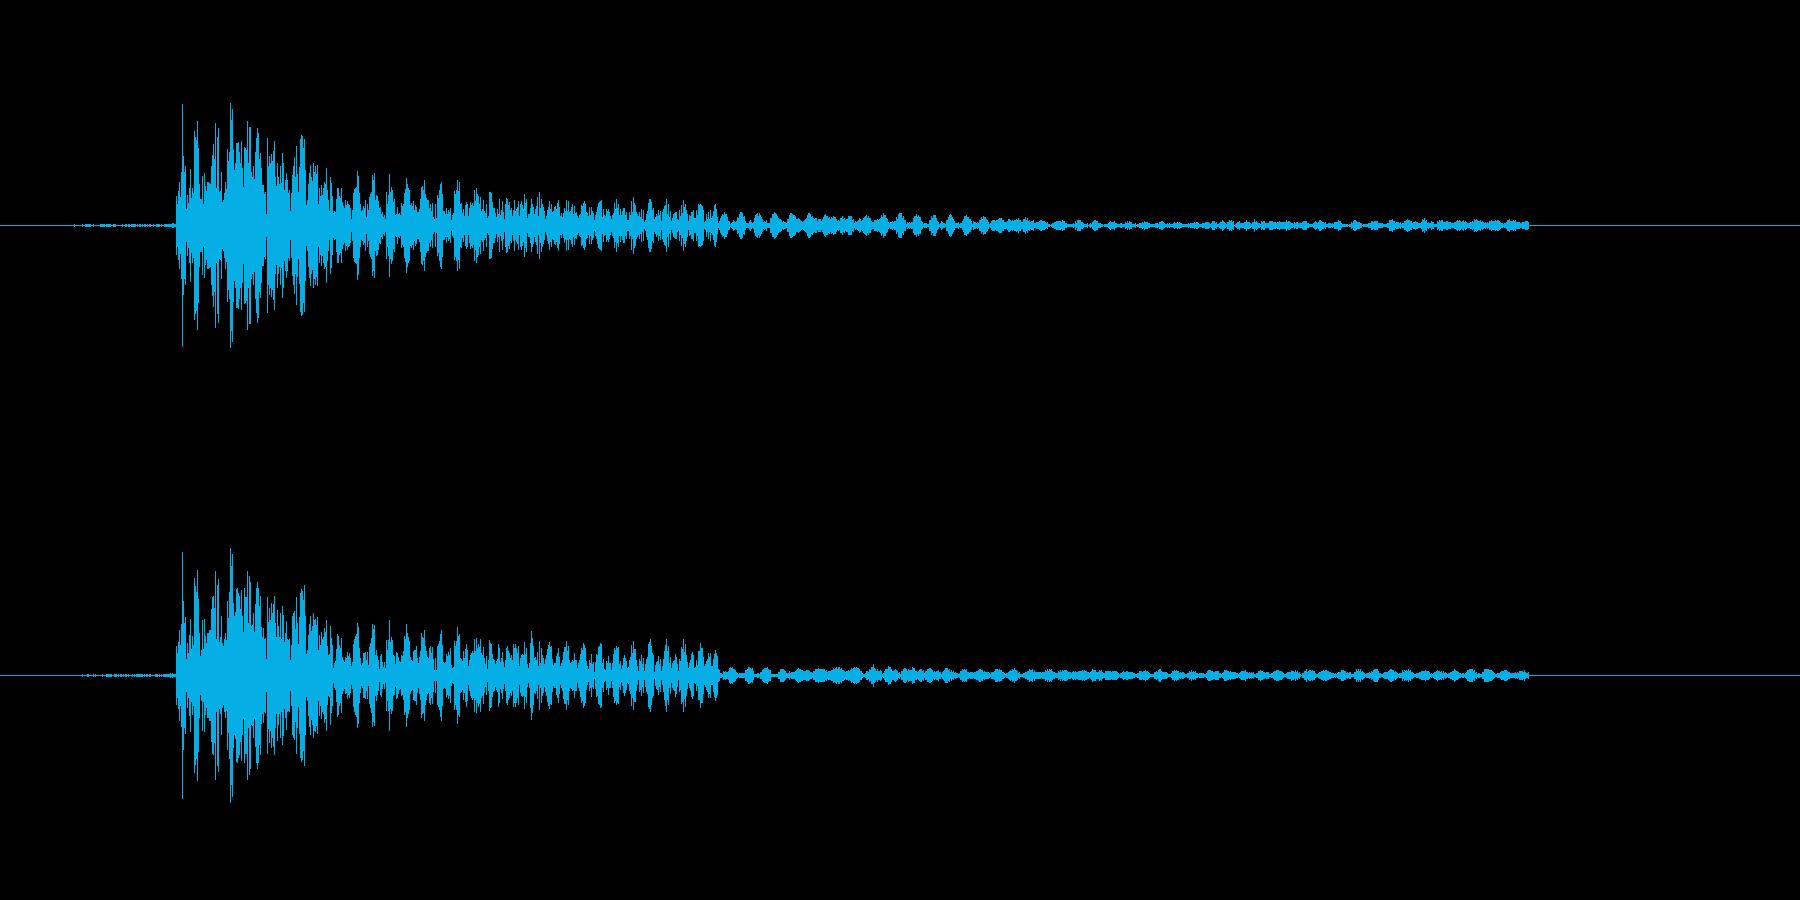 カチッなる軽快な効果音の再生済みの波形